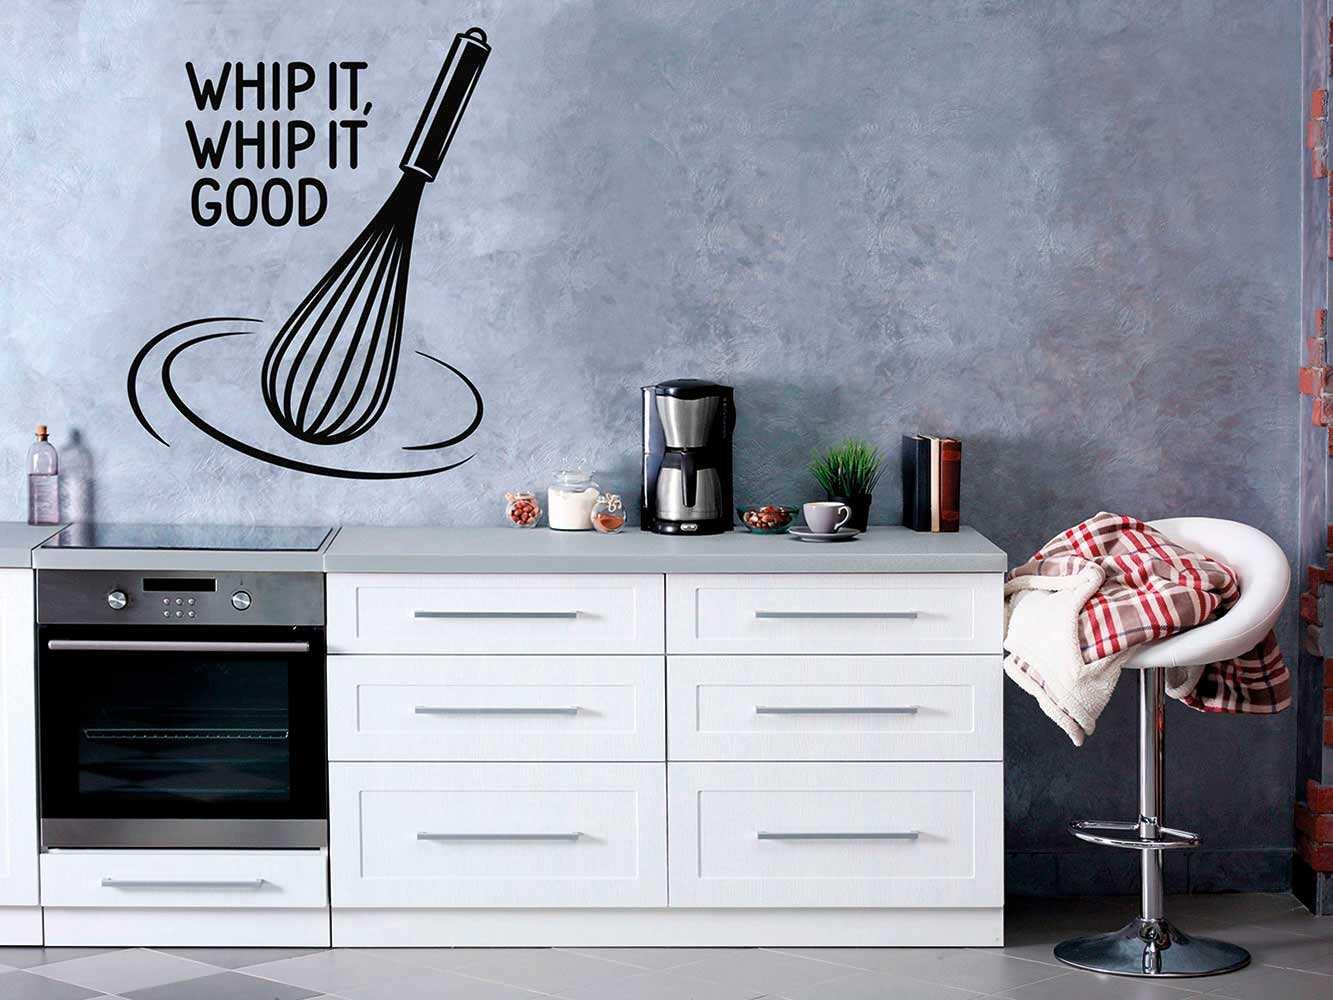 Vinilo Frases Whip it good | Carteles XXL - Impresión carteleria publicitaria